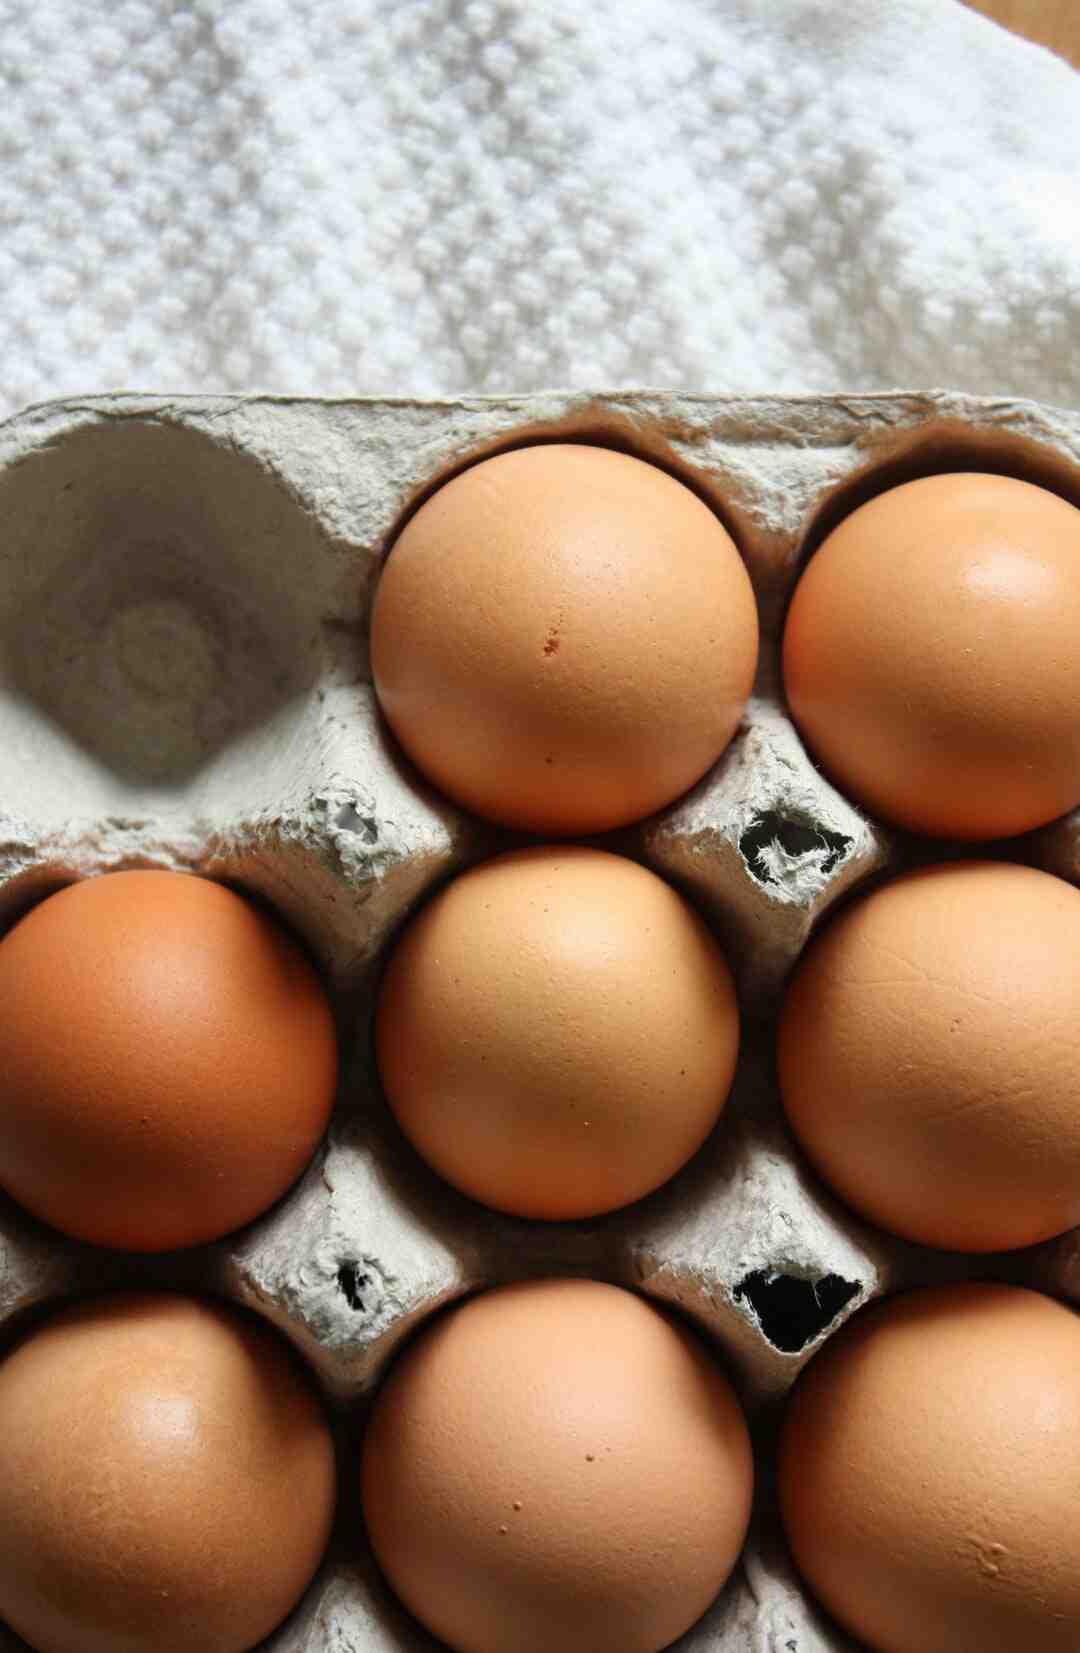 Comment  Éplucher un œuf dur difficile à peler